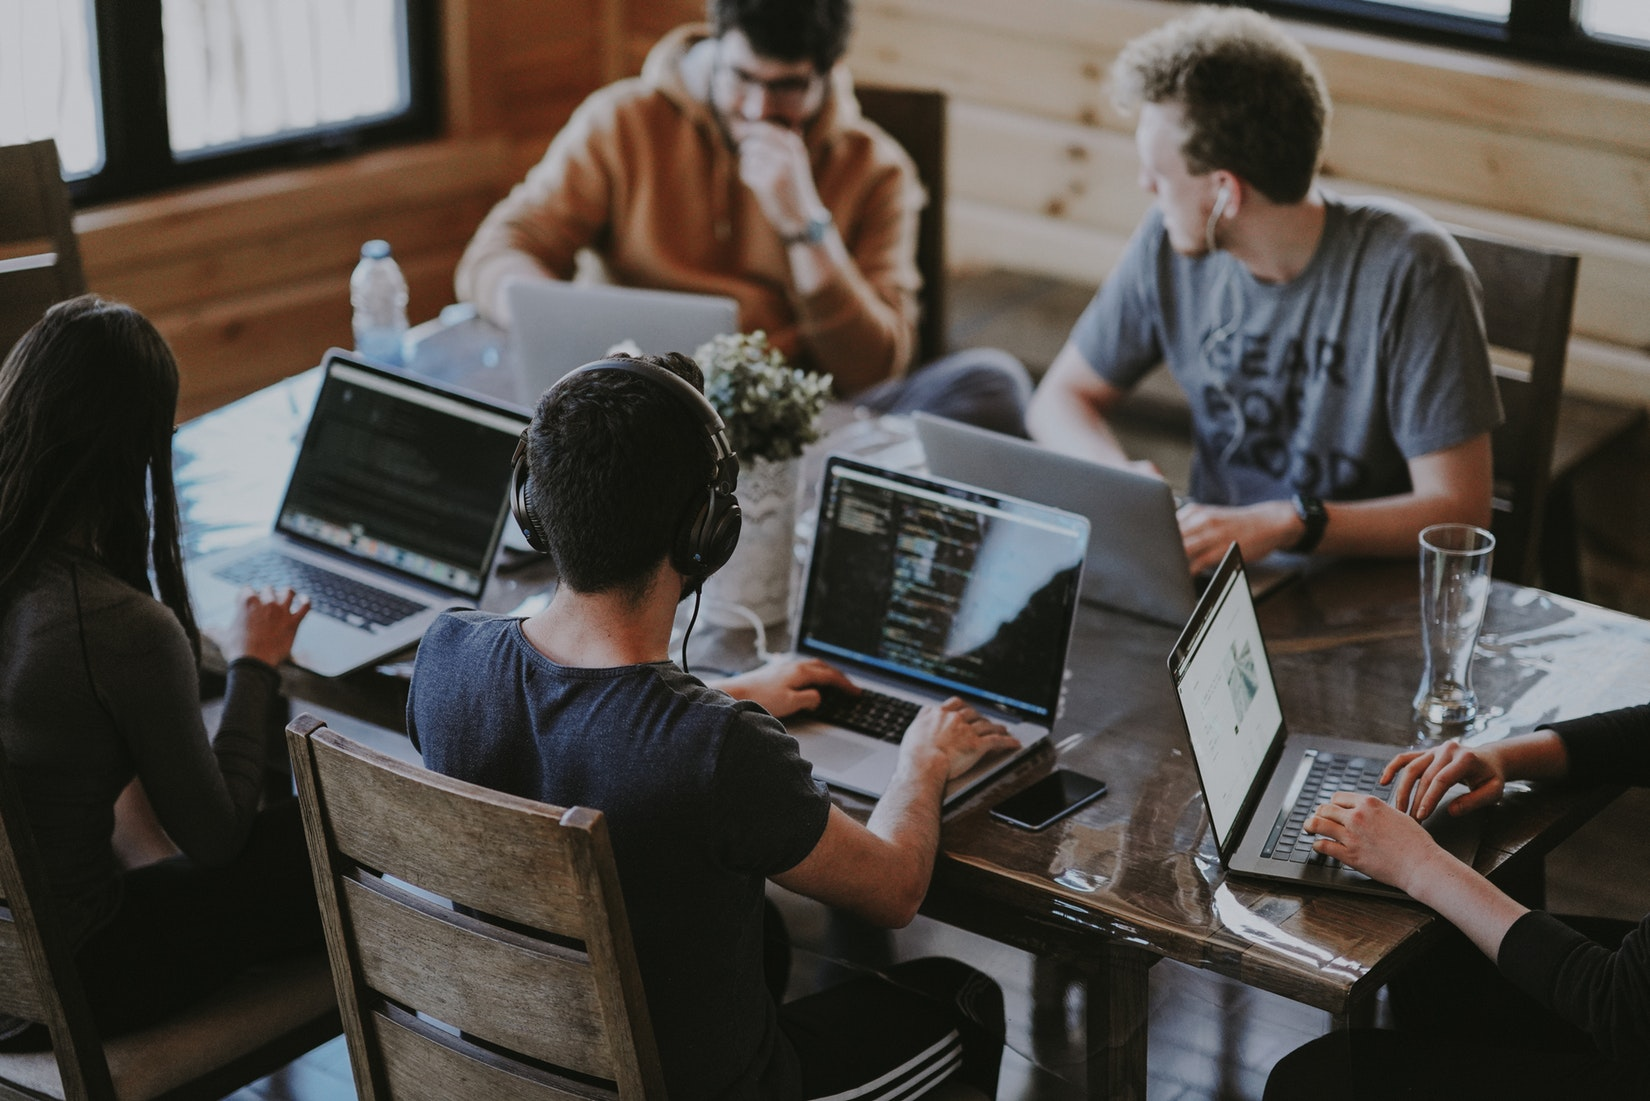 Ein Foto von einem jungem Team an einem Tisch mit Laptops